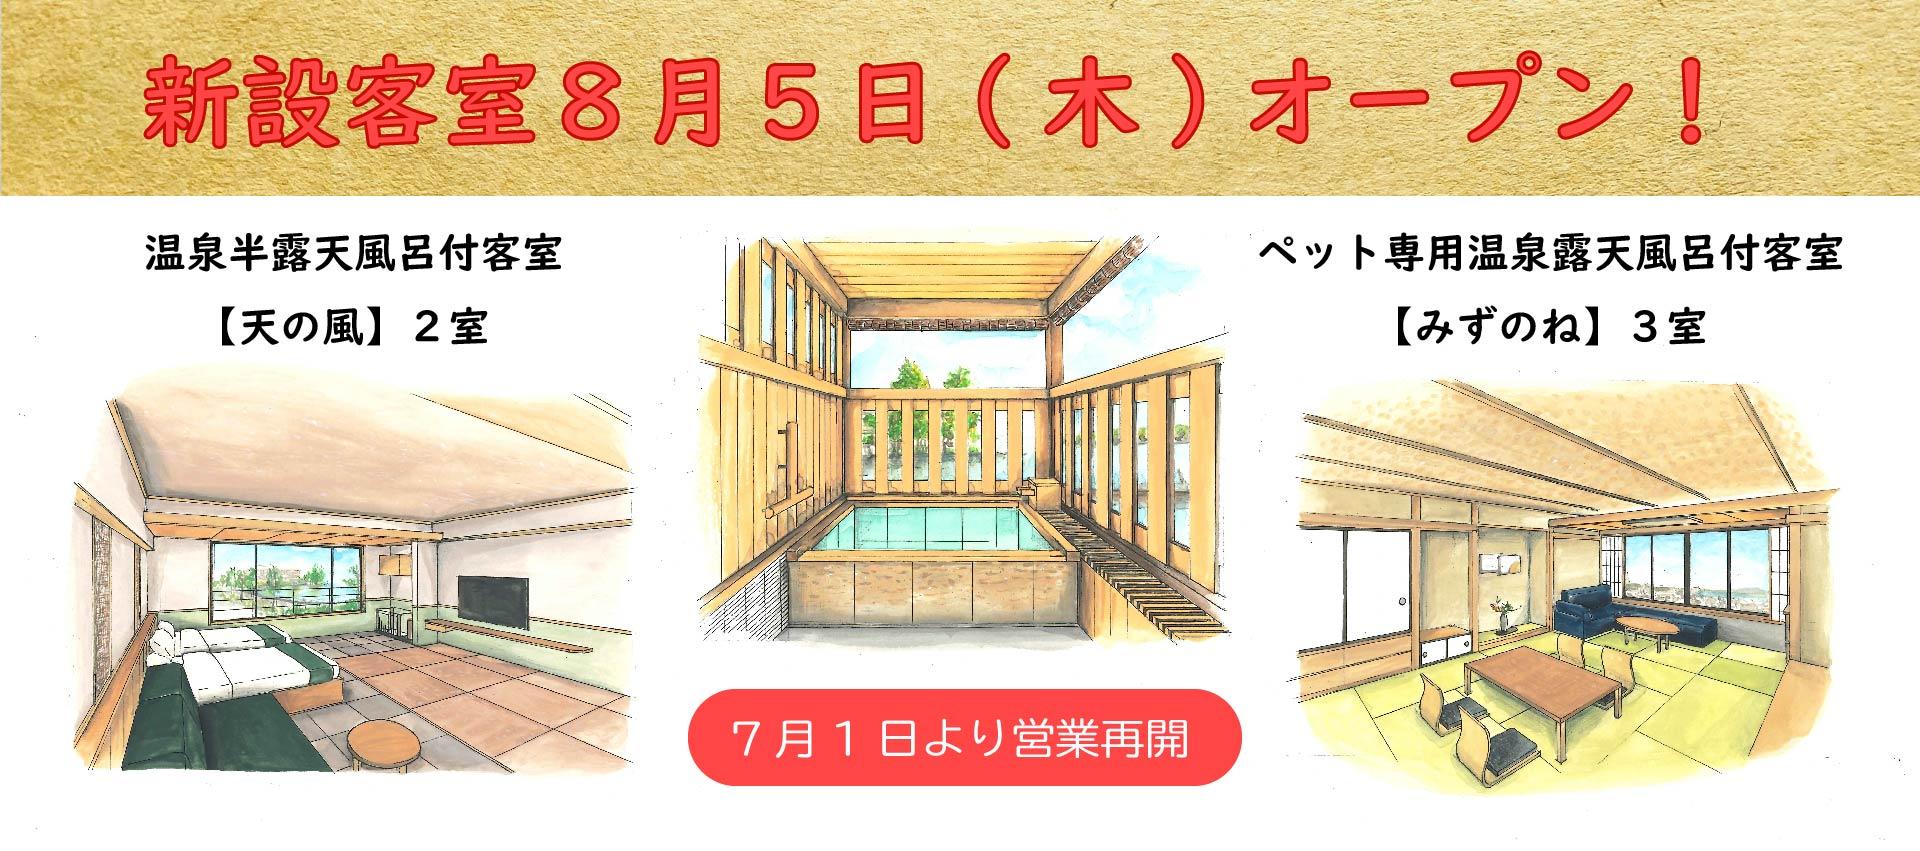 新設客室 8月5日(木)オープン!